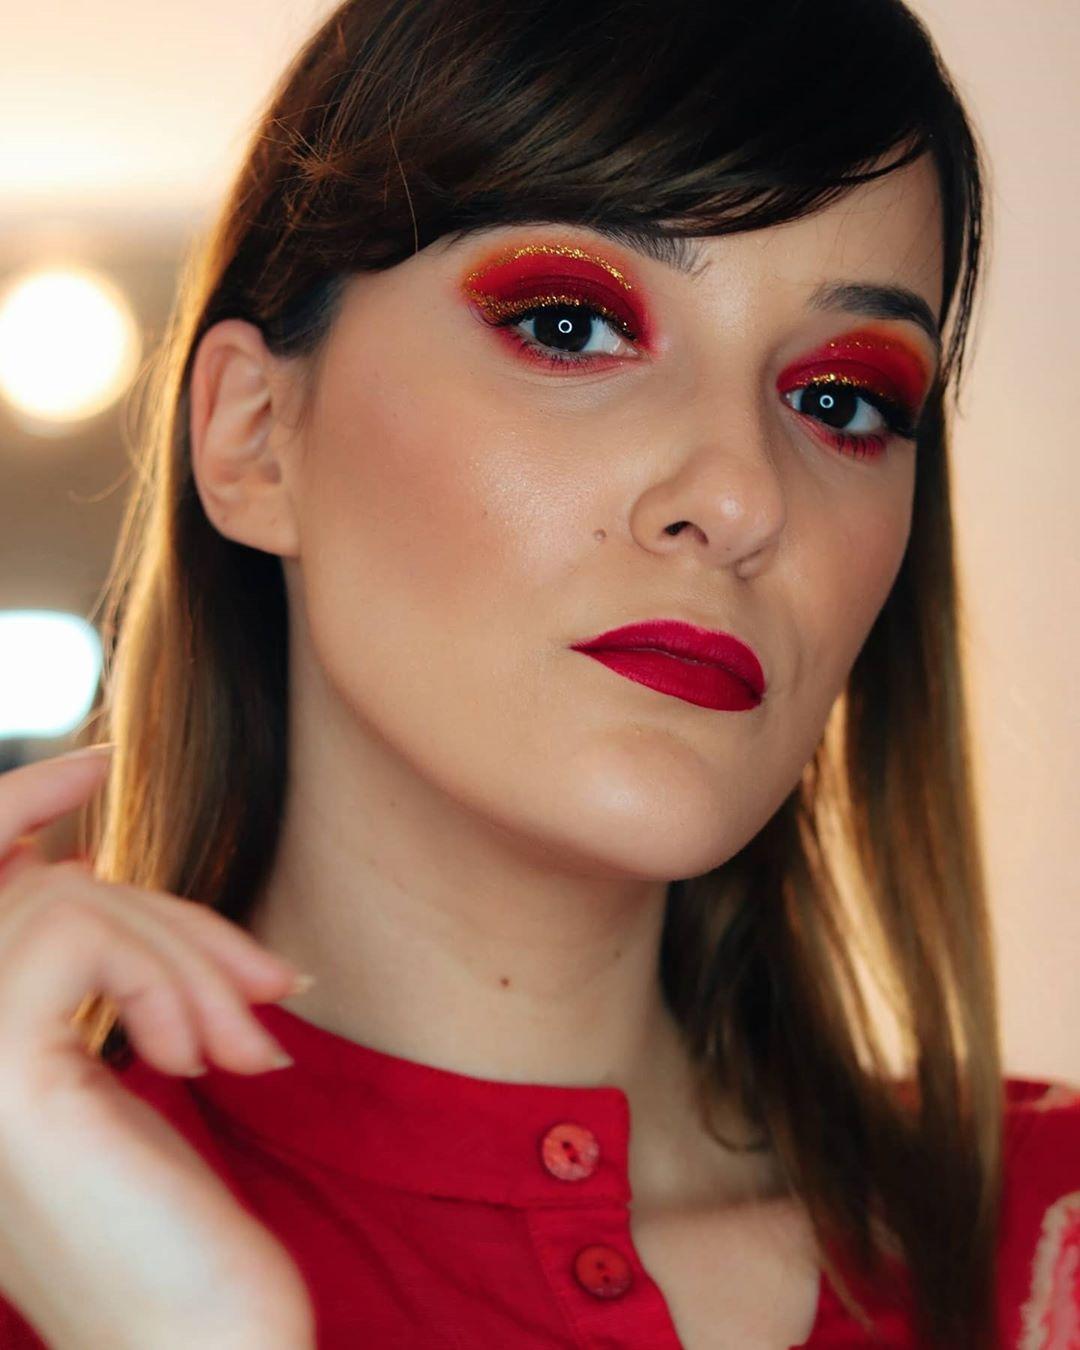 maquiagem com sombra vermelha 39